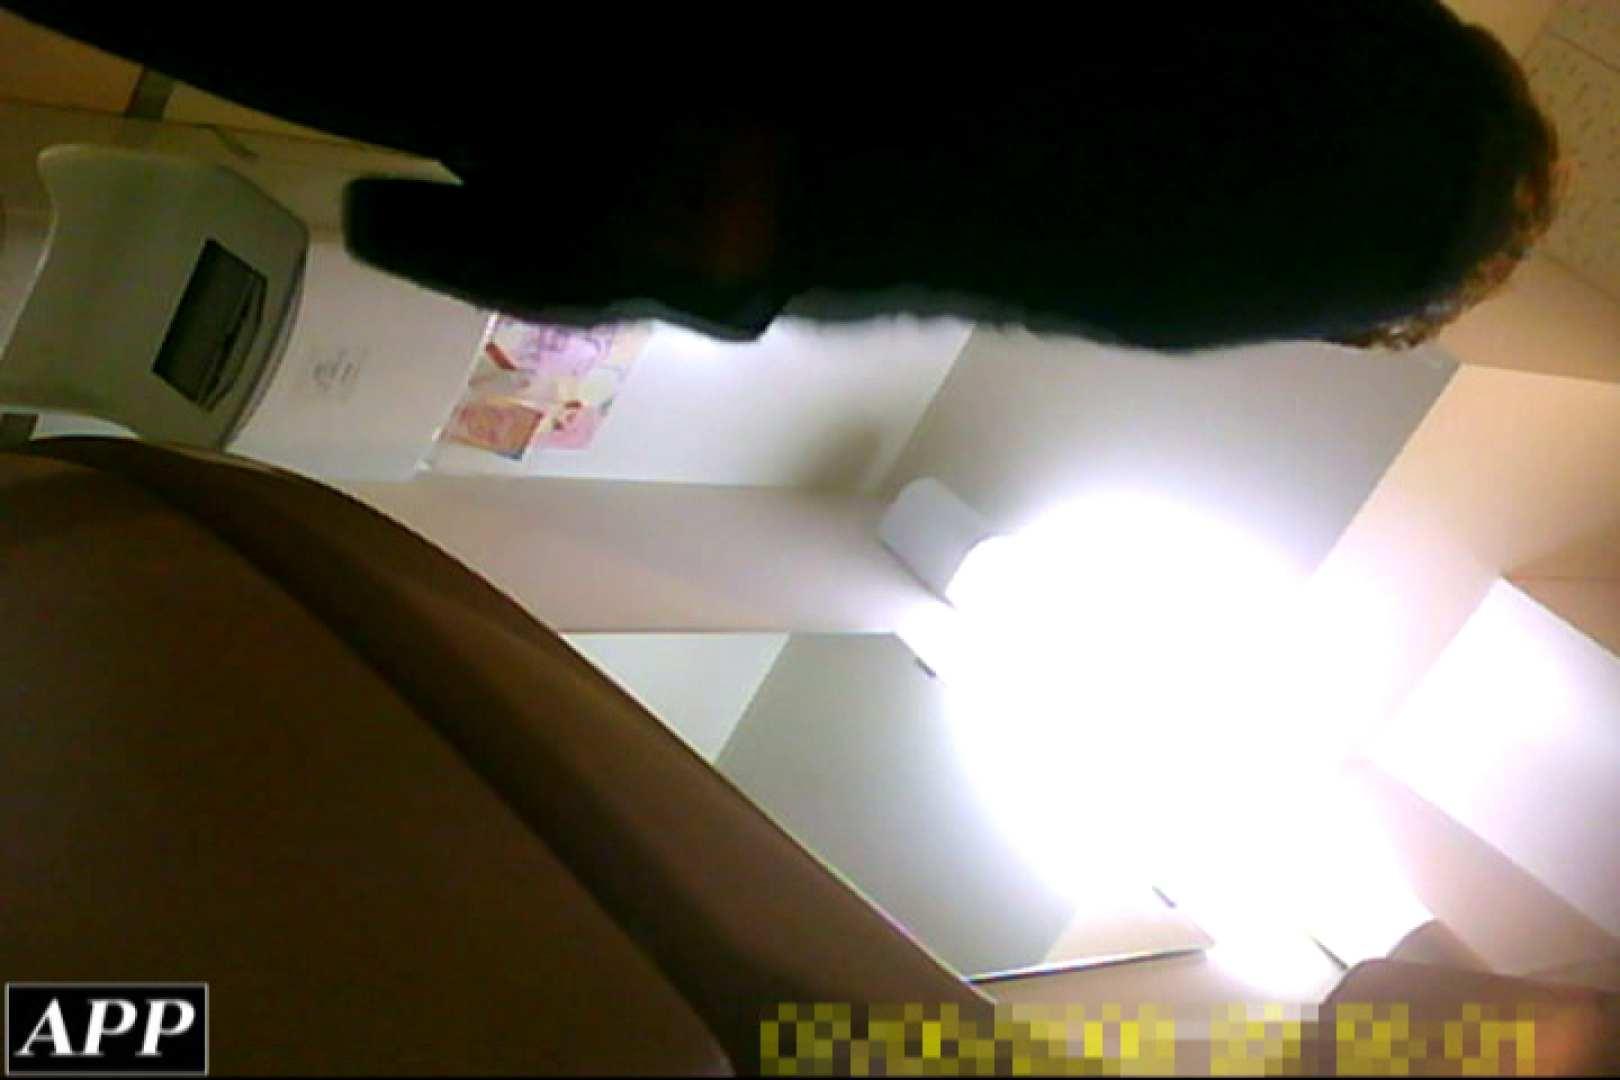 3視点洗面所 vol.70 モロだしオマンコ エロ無料画像 75pic 70